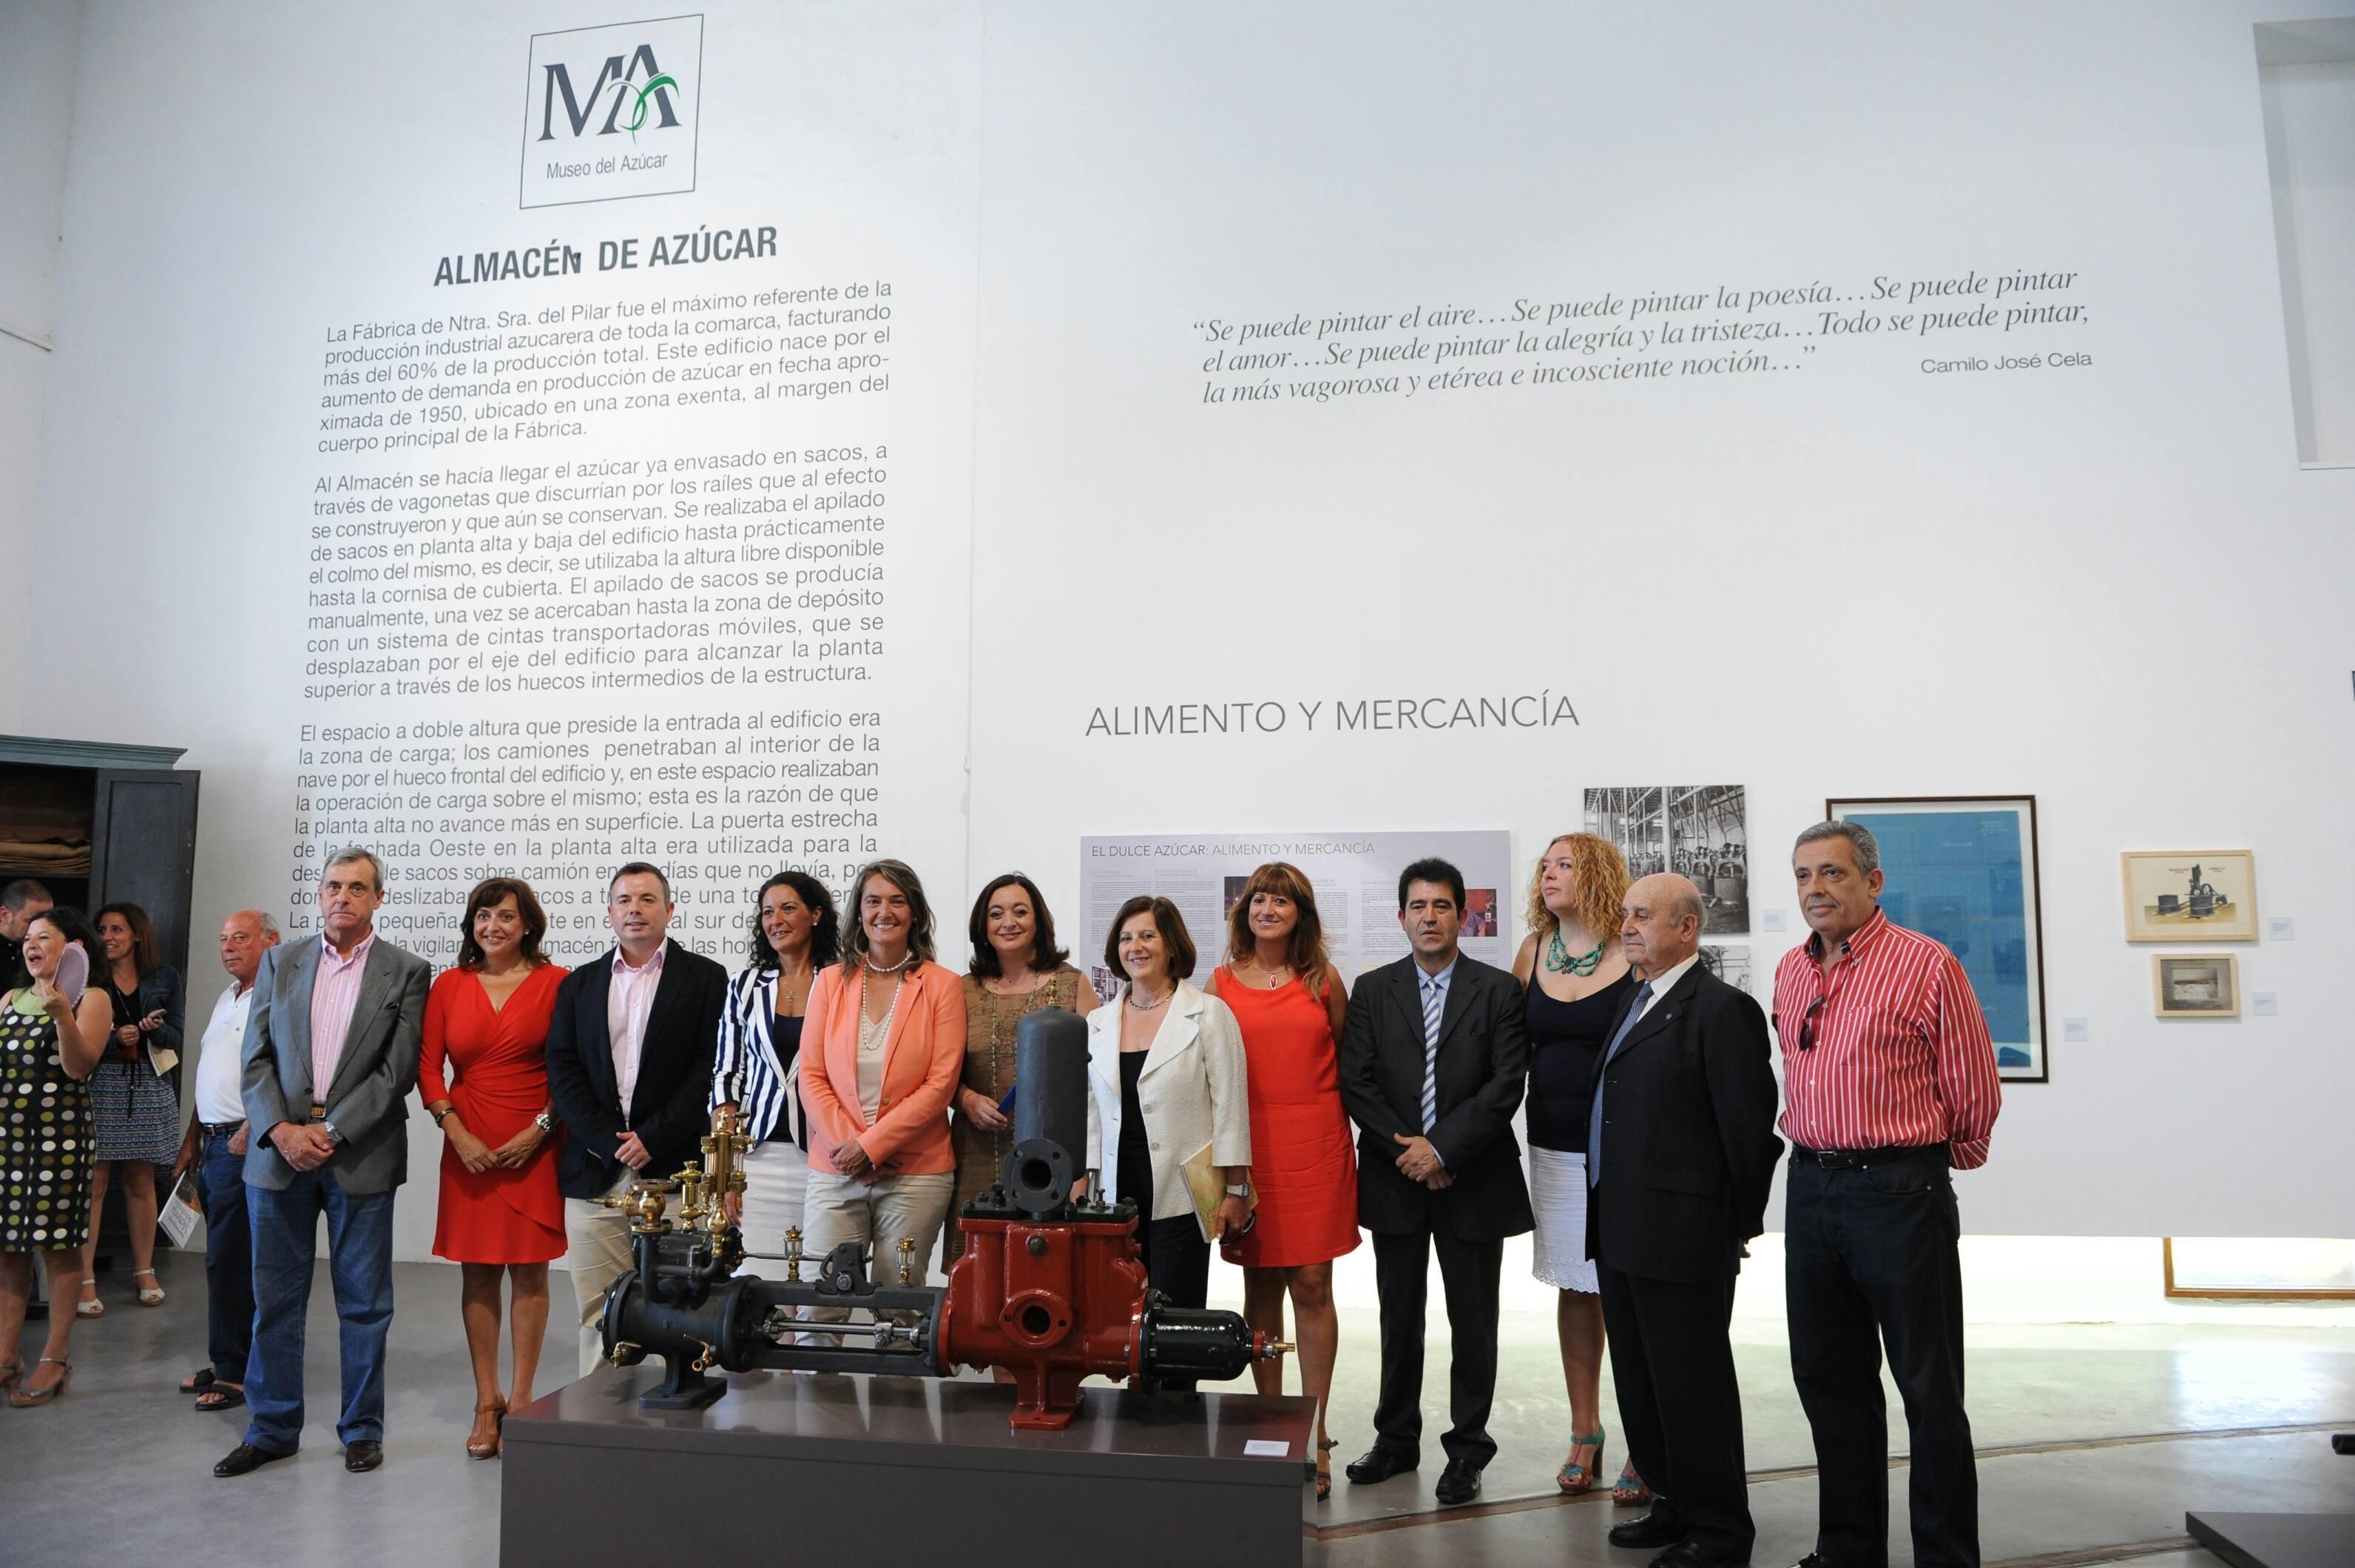 Moreno inaugura en Motril una muestra con 200 piezas sobre el cultivo de la caña de azúcar